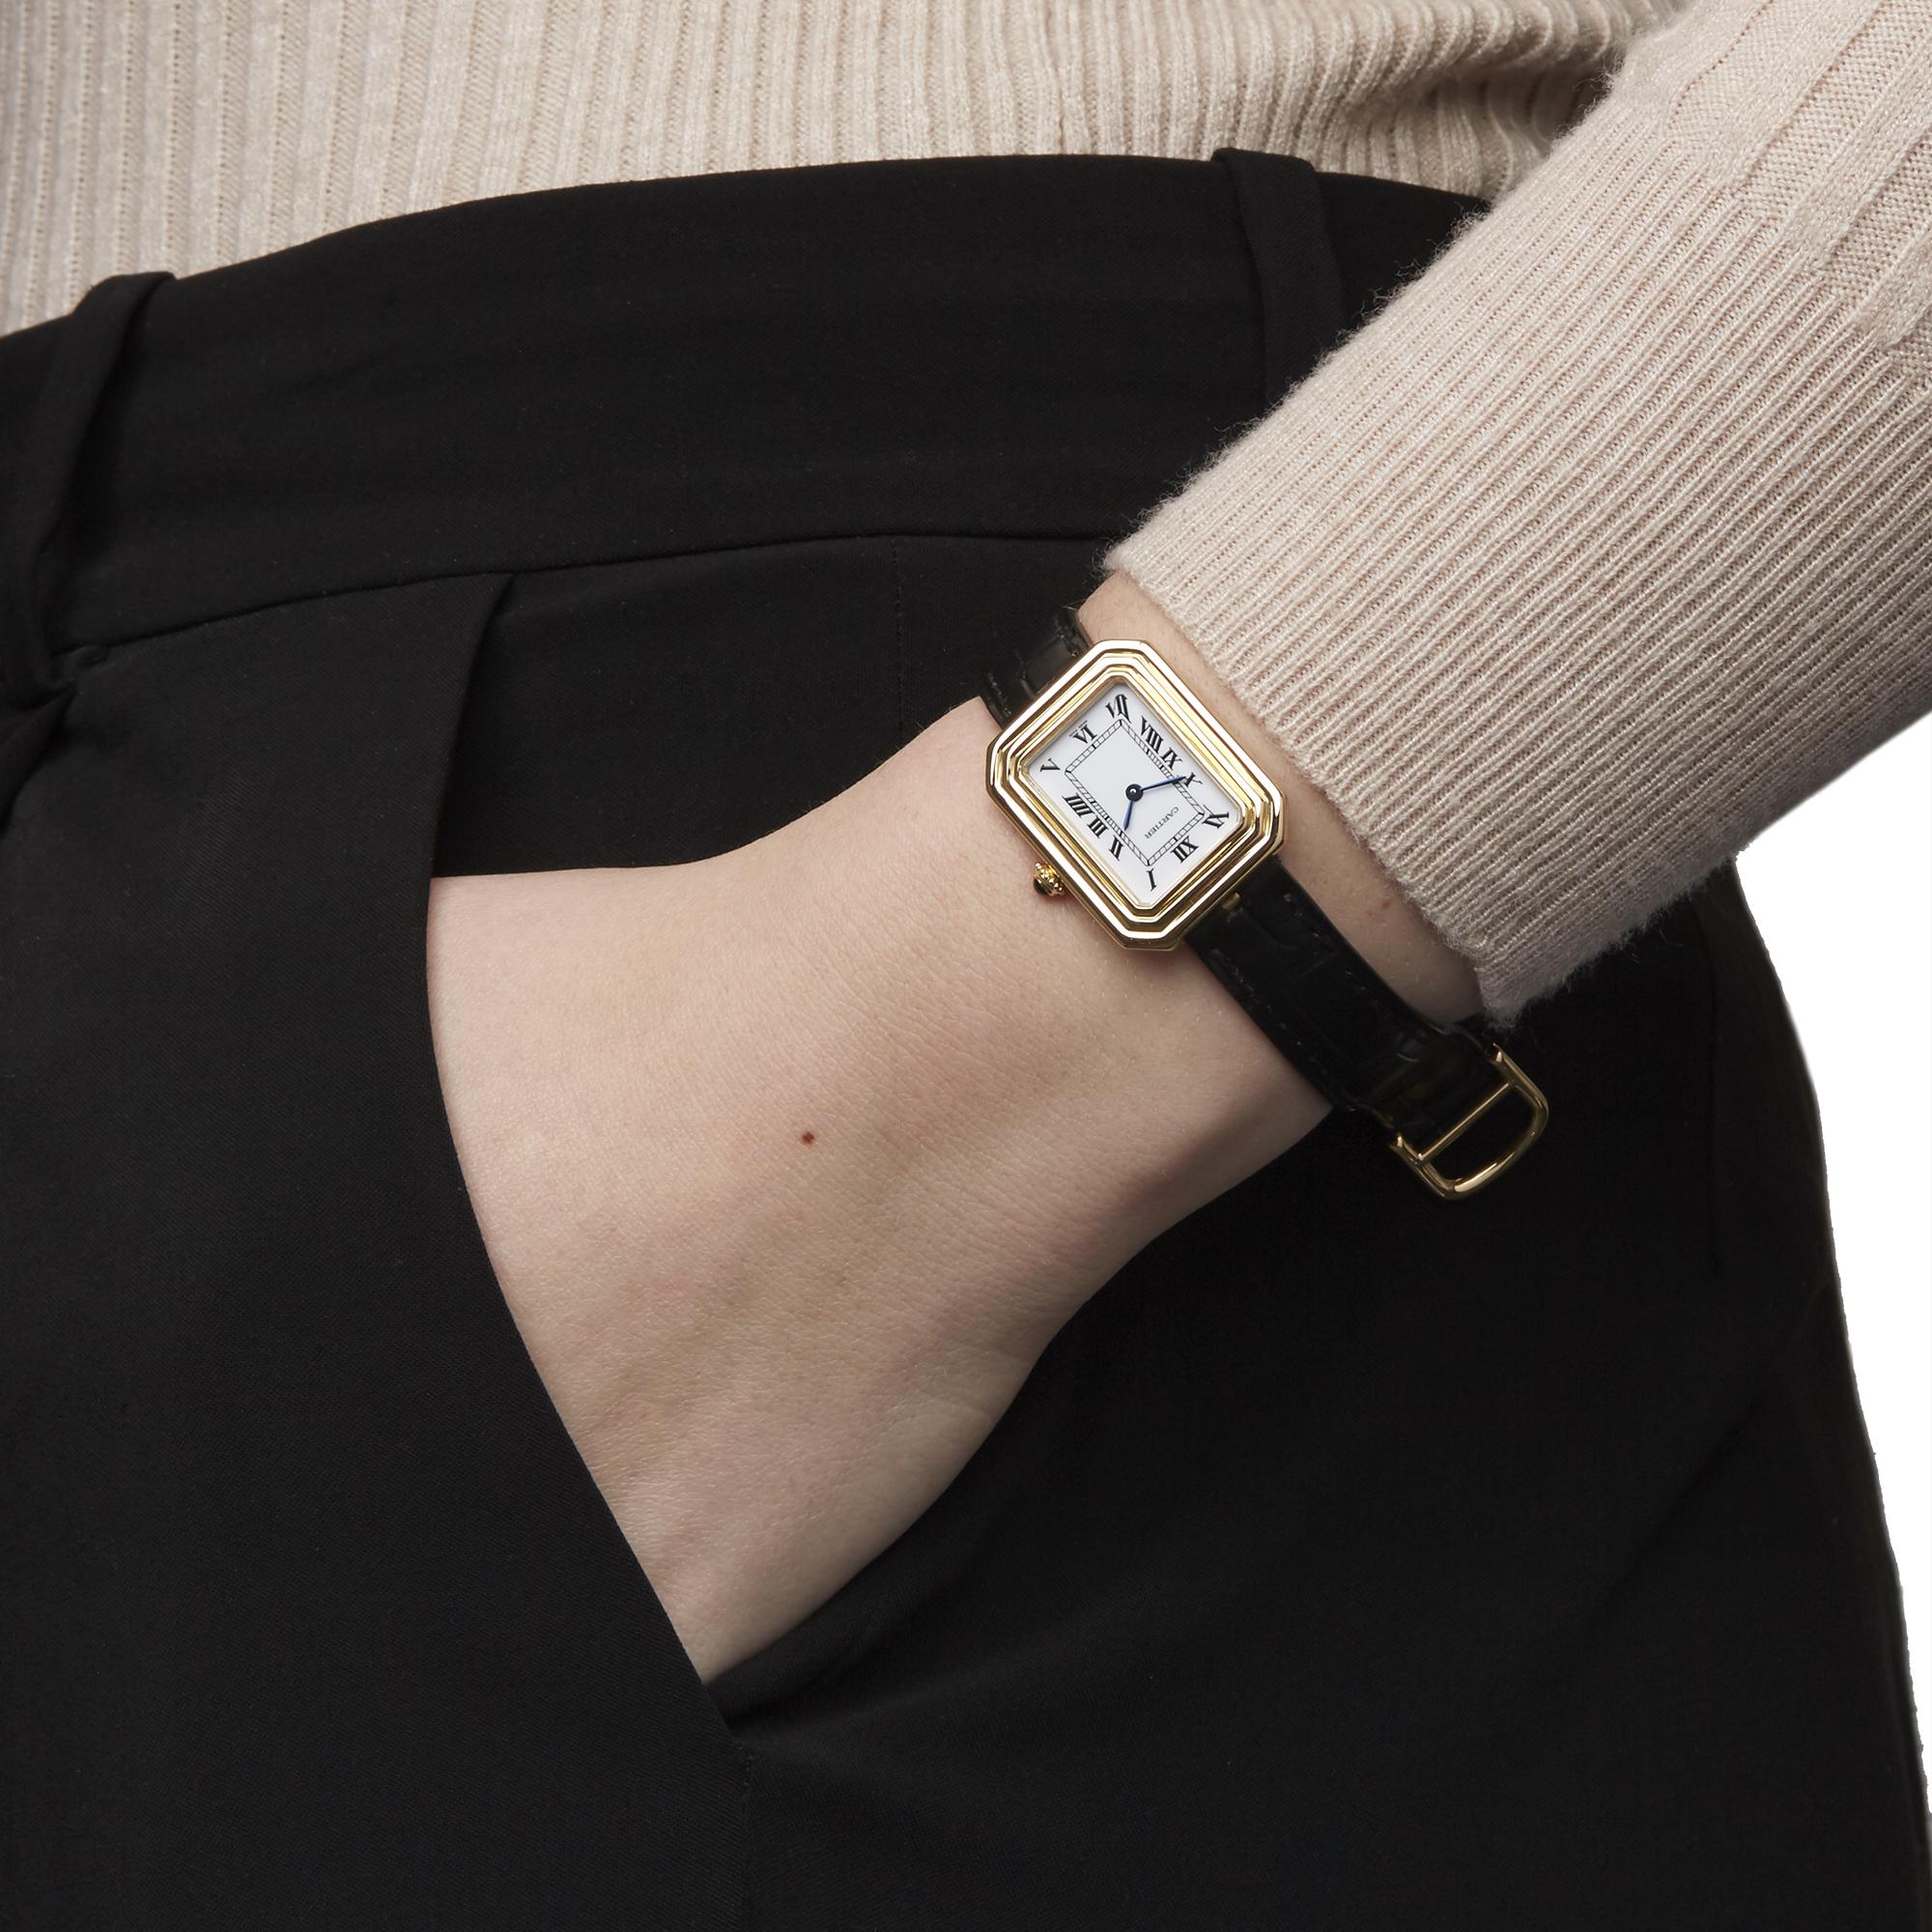 Cartier Cristallor Ladies Yellow Gold Paris Mecanique Watch - Image 2 of 8